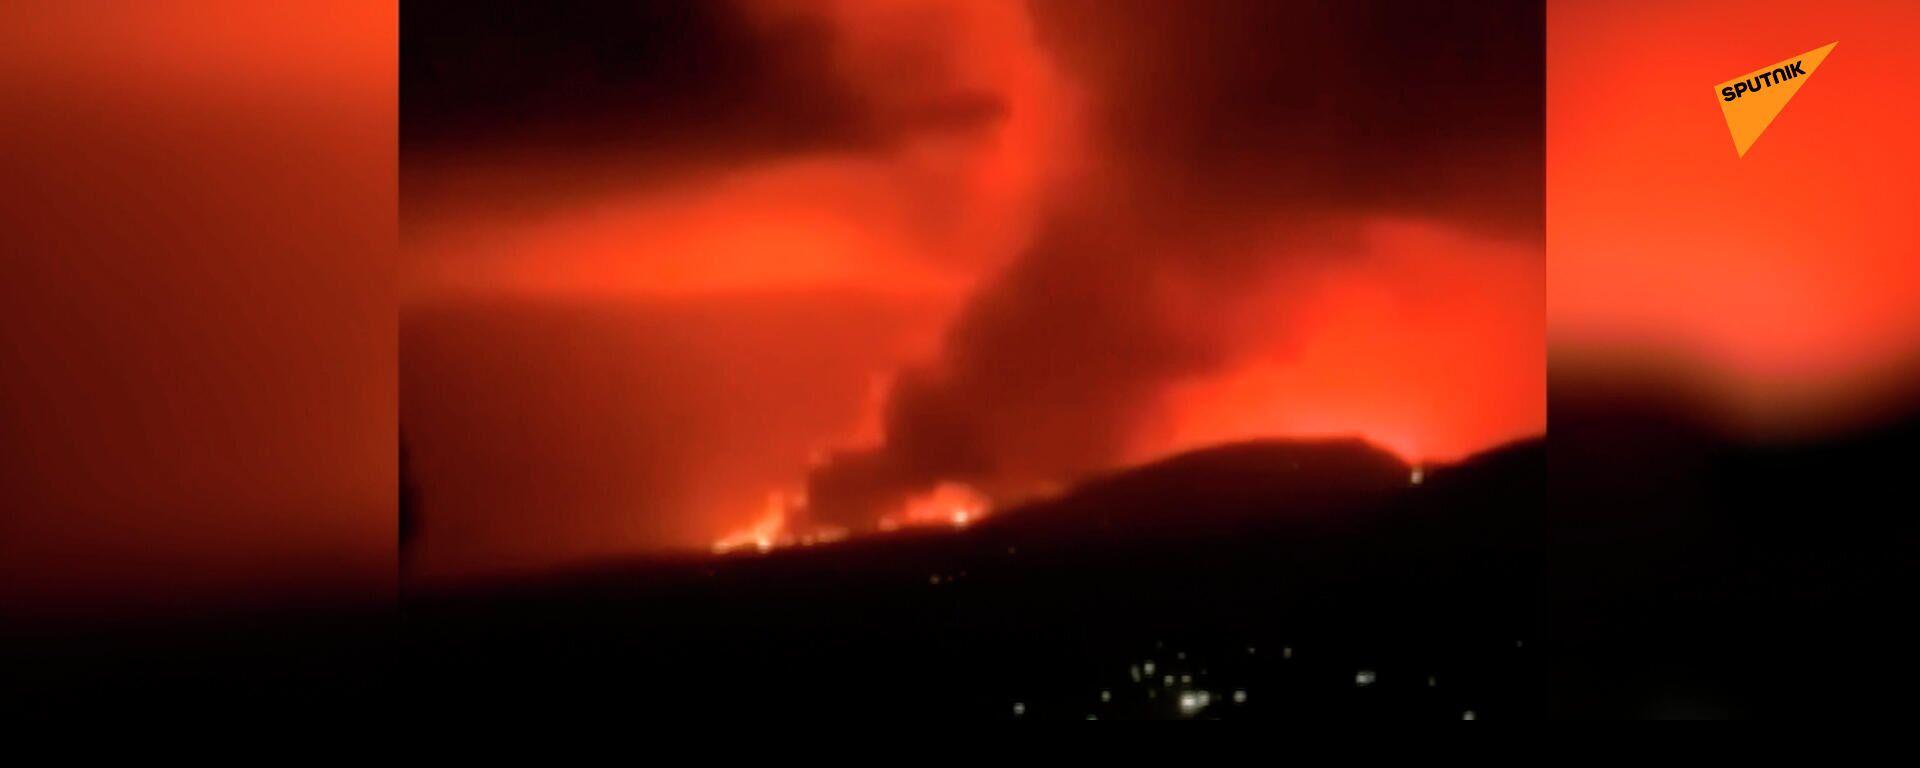 Congo, esplode il vulcano Nyiragongo: oltre 100 persone potrebbero essere morte - Sputnik Italia, 1920, 23.05.2021